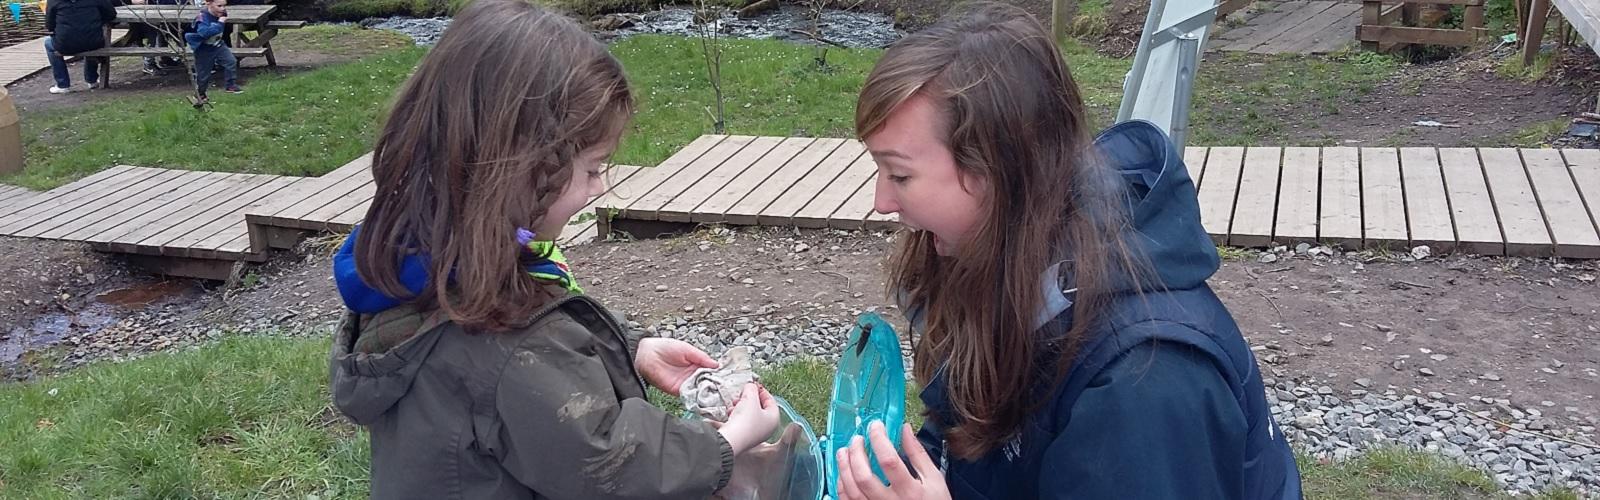 Lori working with wildlife